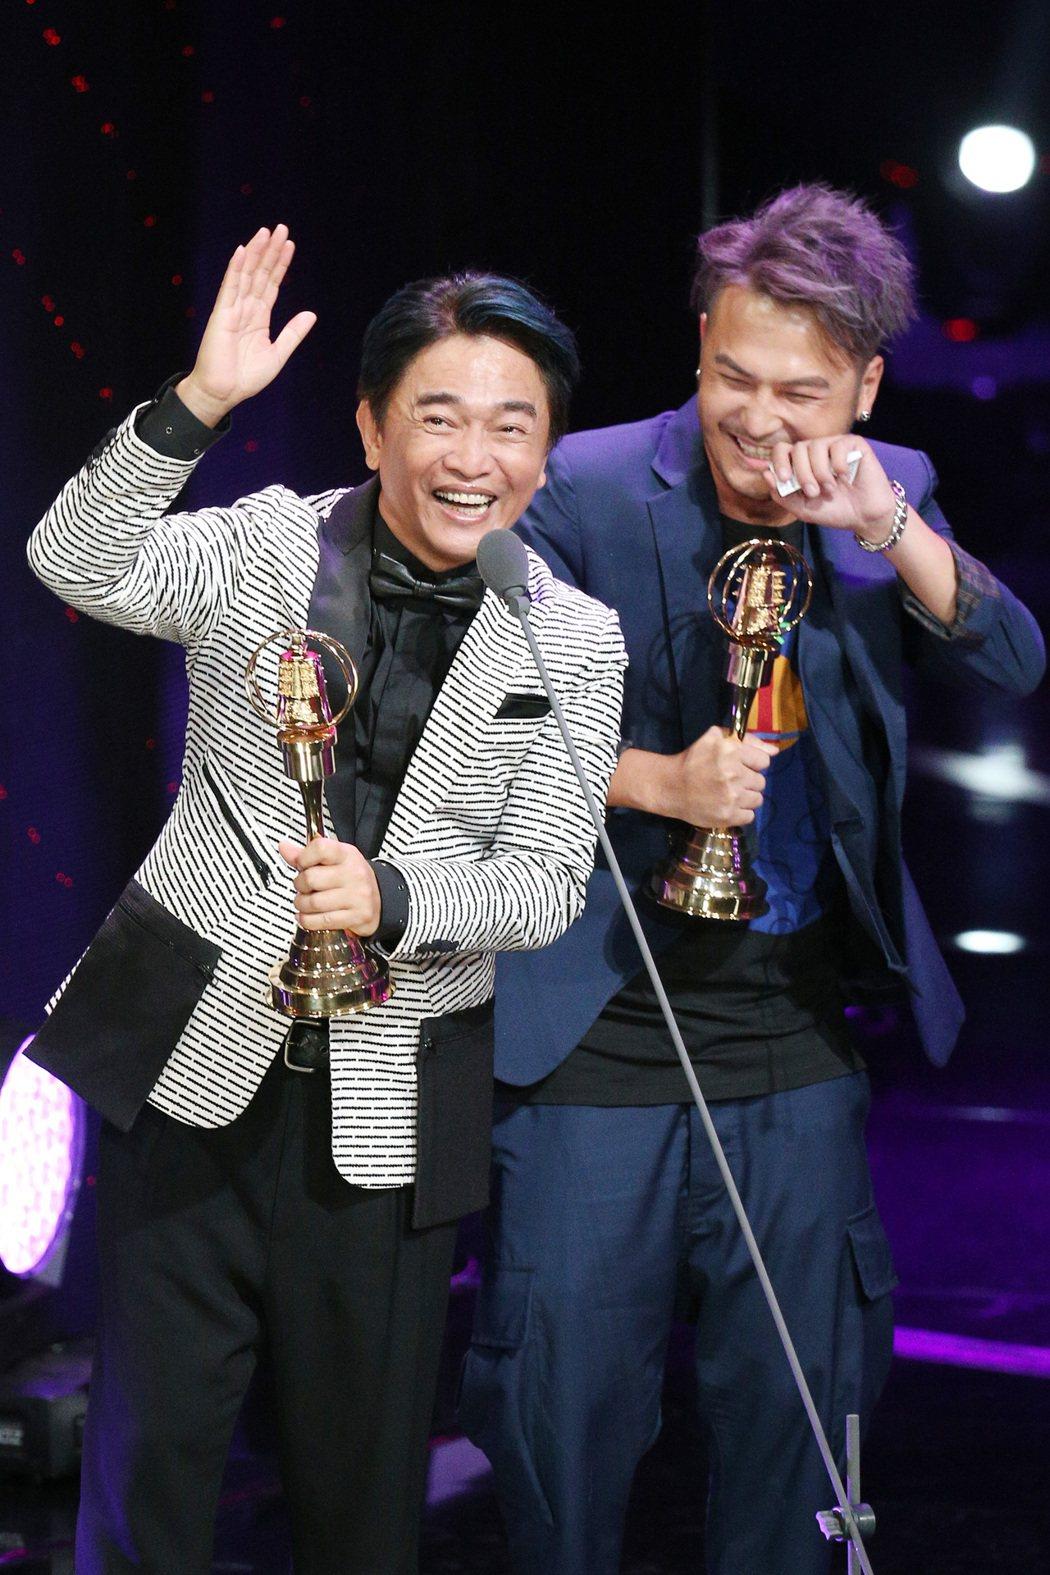 第52屆金鐘獎,吳宗憲(左)、KID林柏昇獲益智及實境節目主持人獎 ,吳宗憲在台...